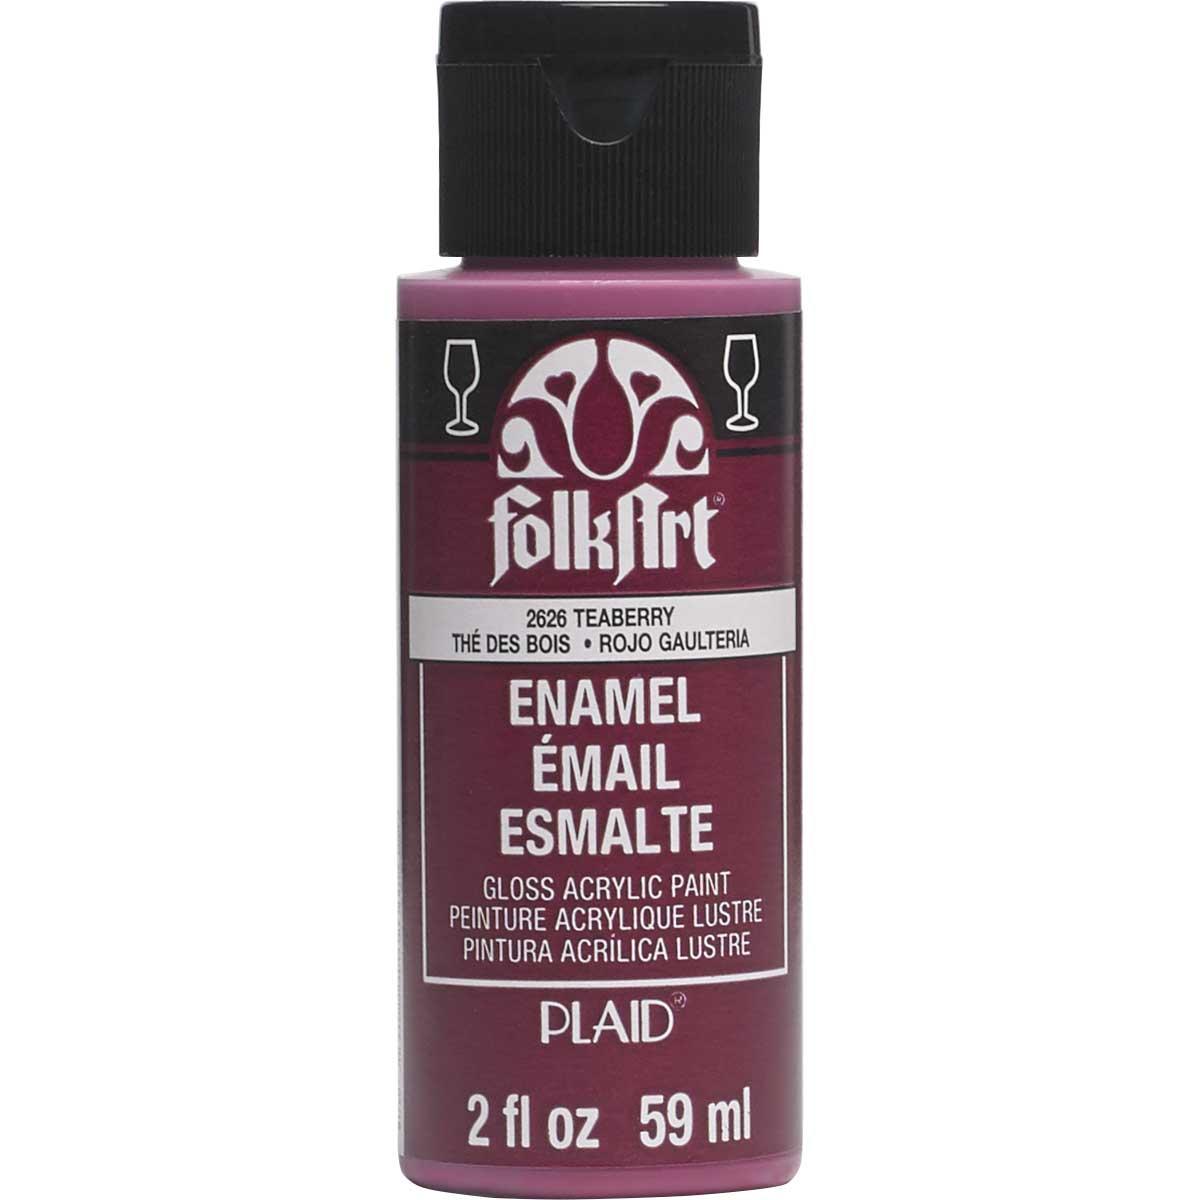 FolkArt ® Enamels™ - Teaberry, 2 oz. - 2626